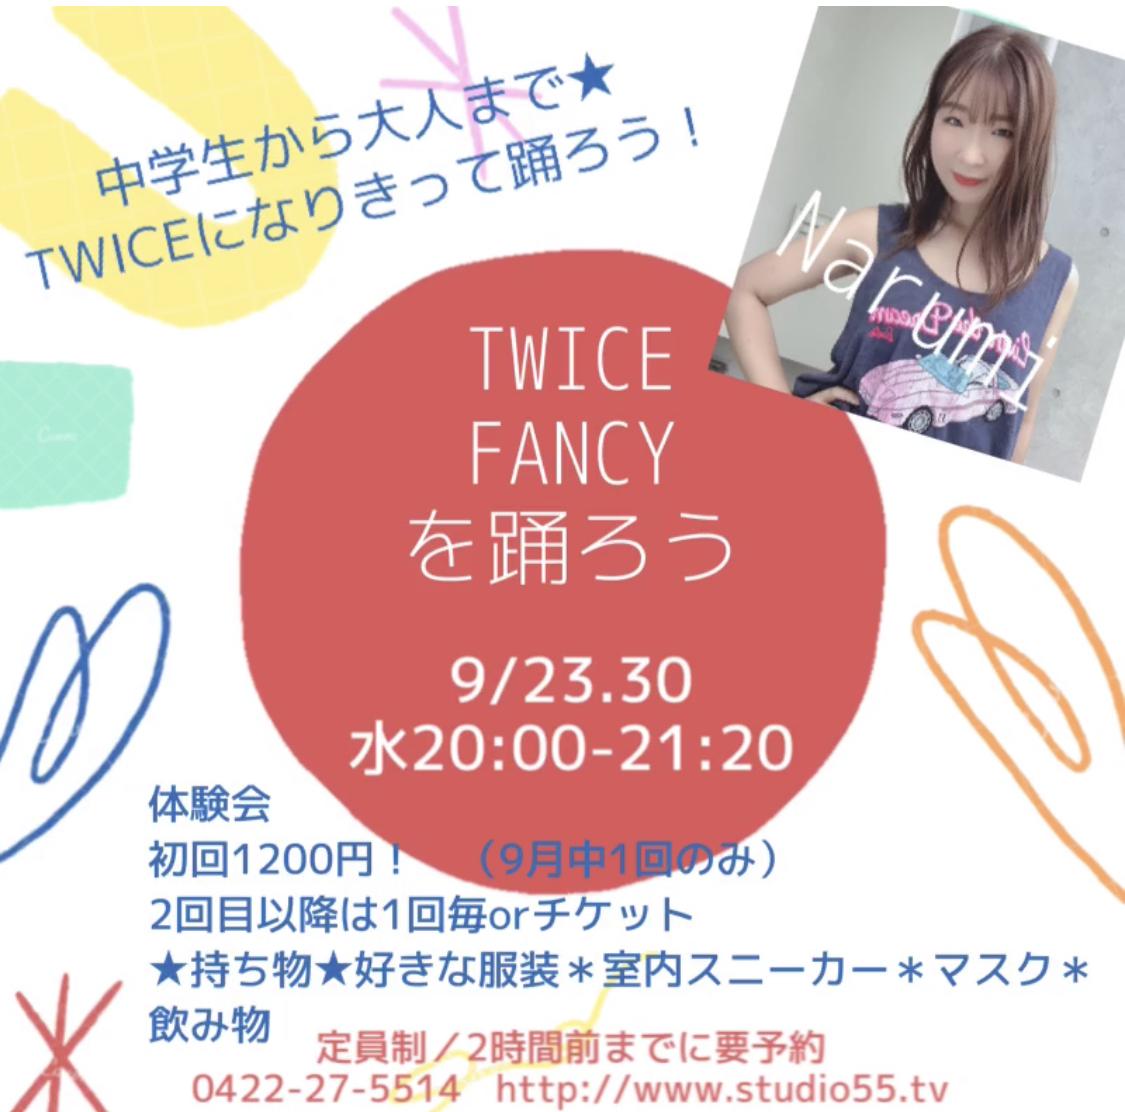 【特別体験会】TWICEのFANCYを踊ろう!